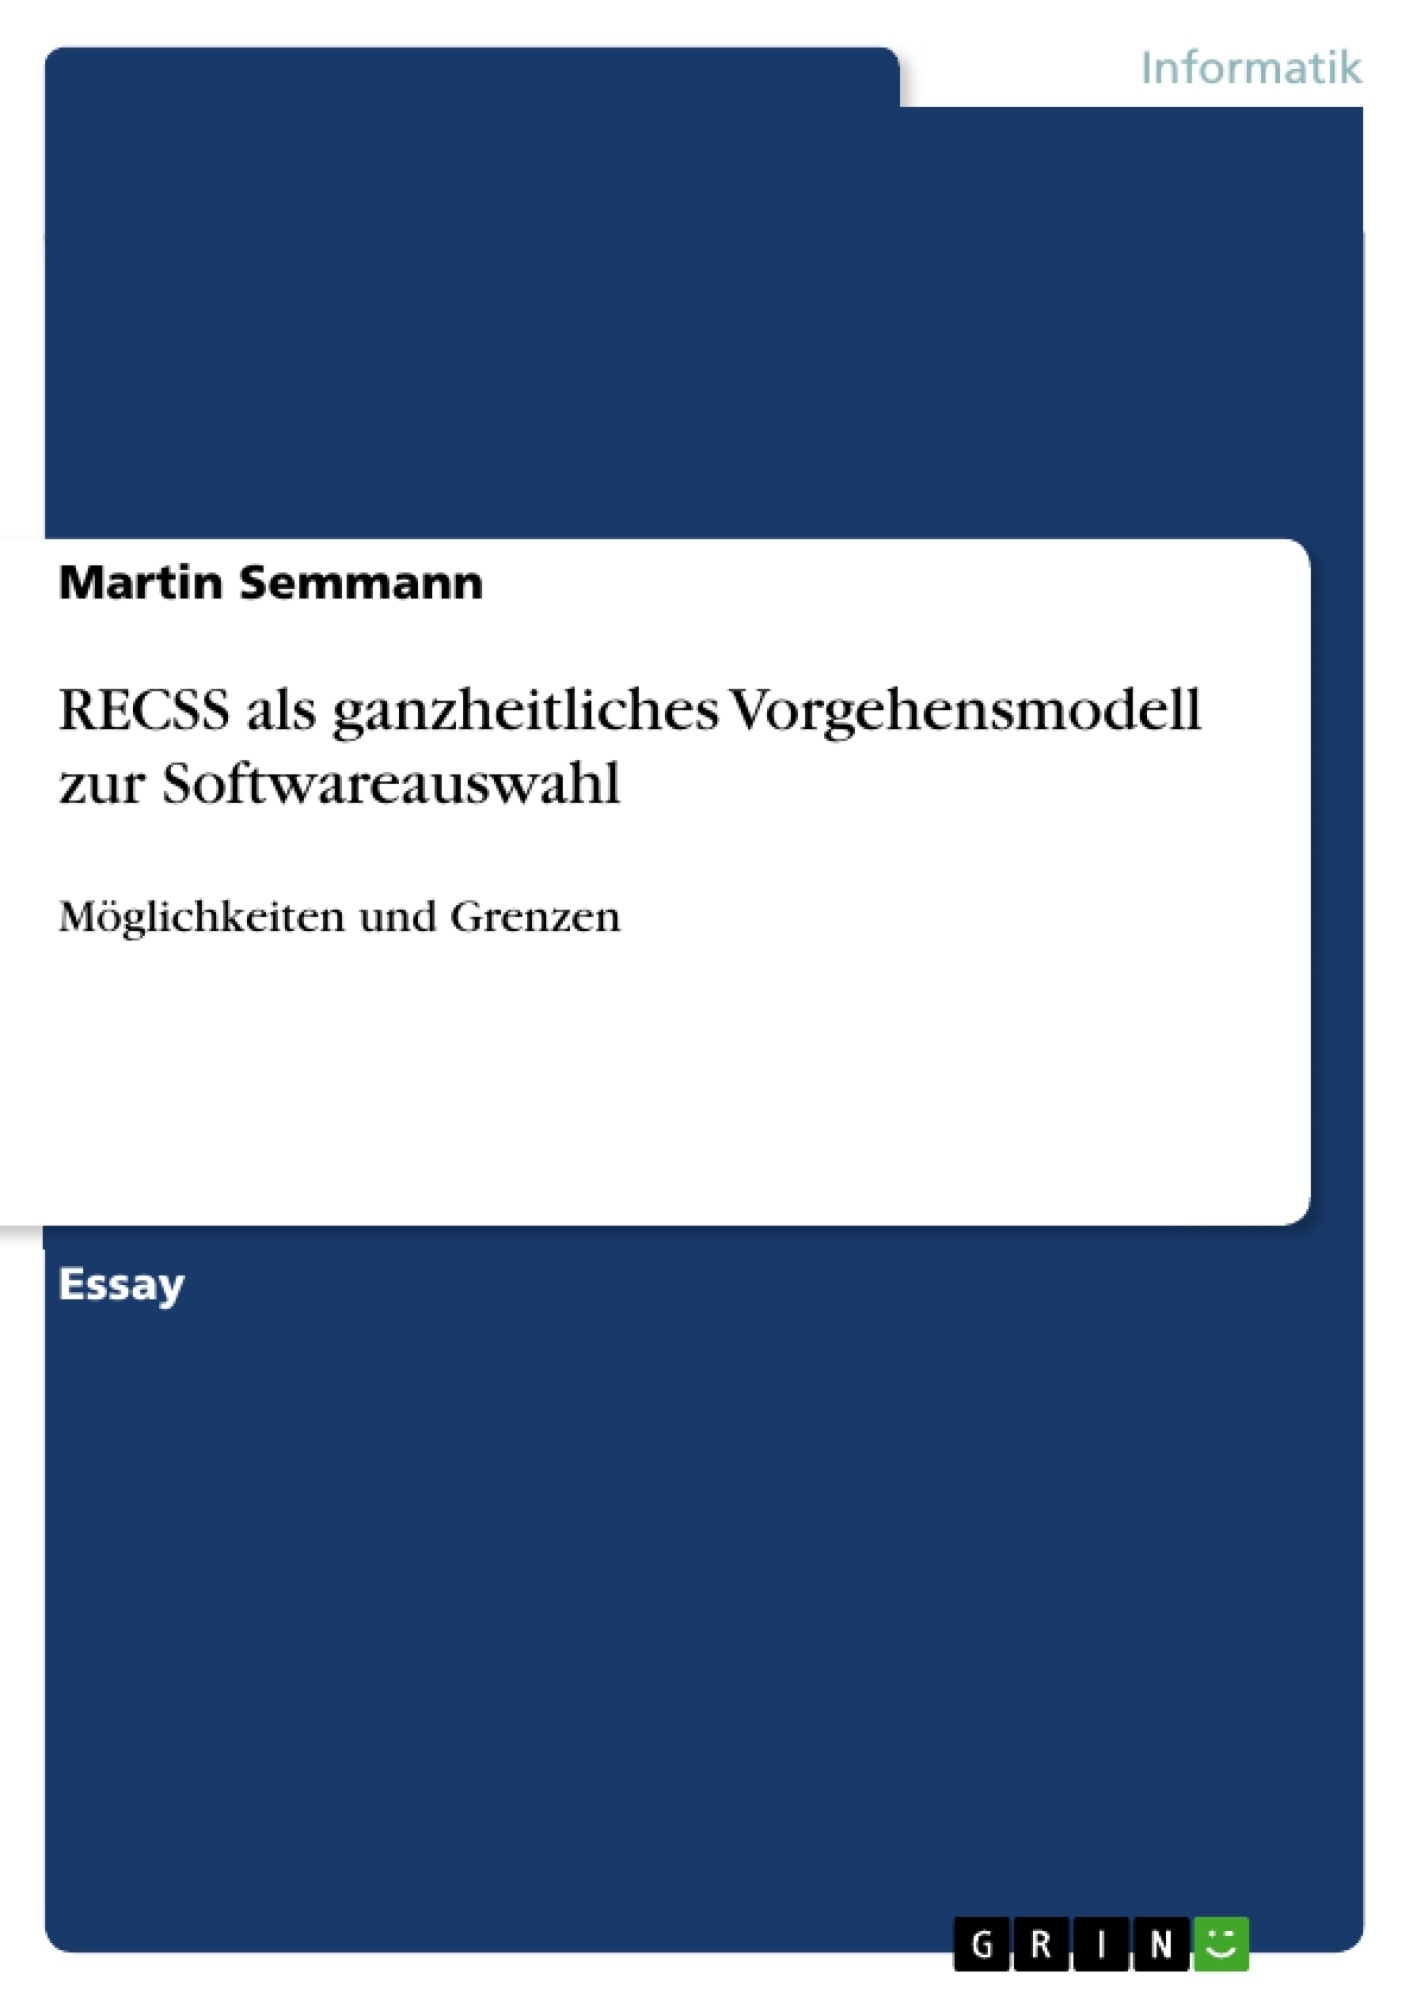 Titel: RECSS als ganzheitliches Vorgehensmodell zur Softwareauswahl